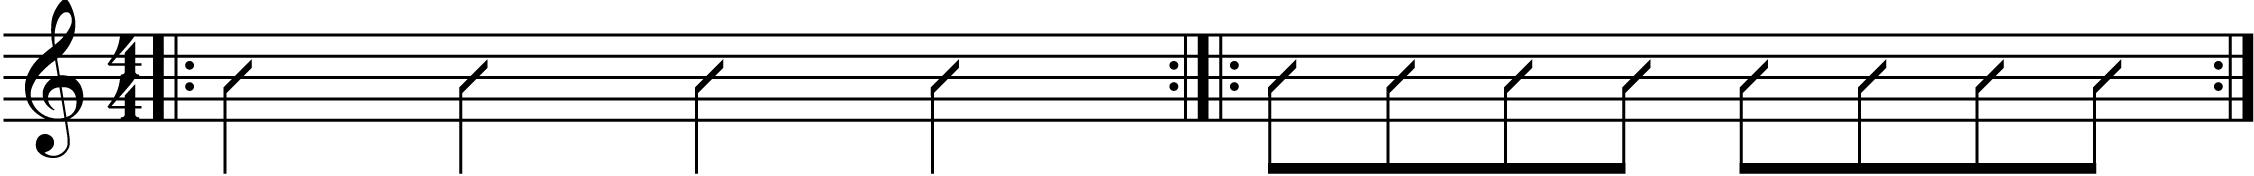 some syncopated rhythms.